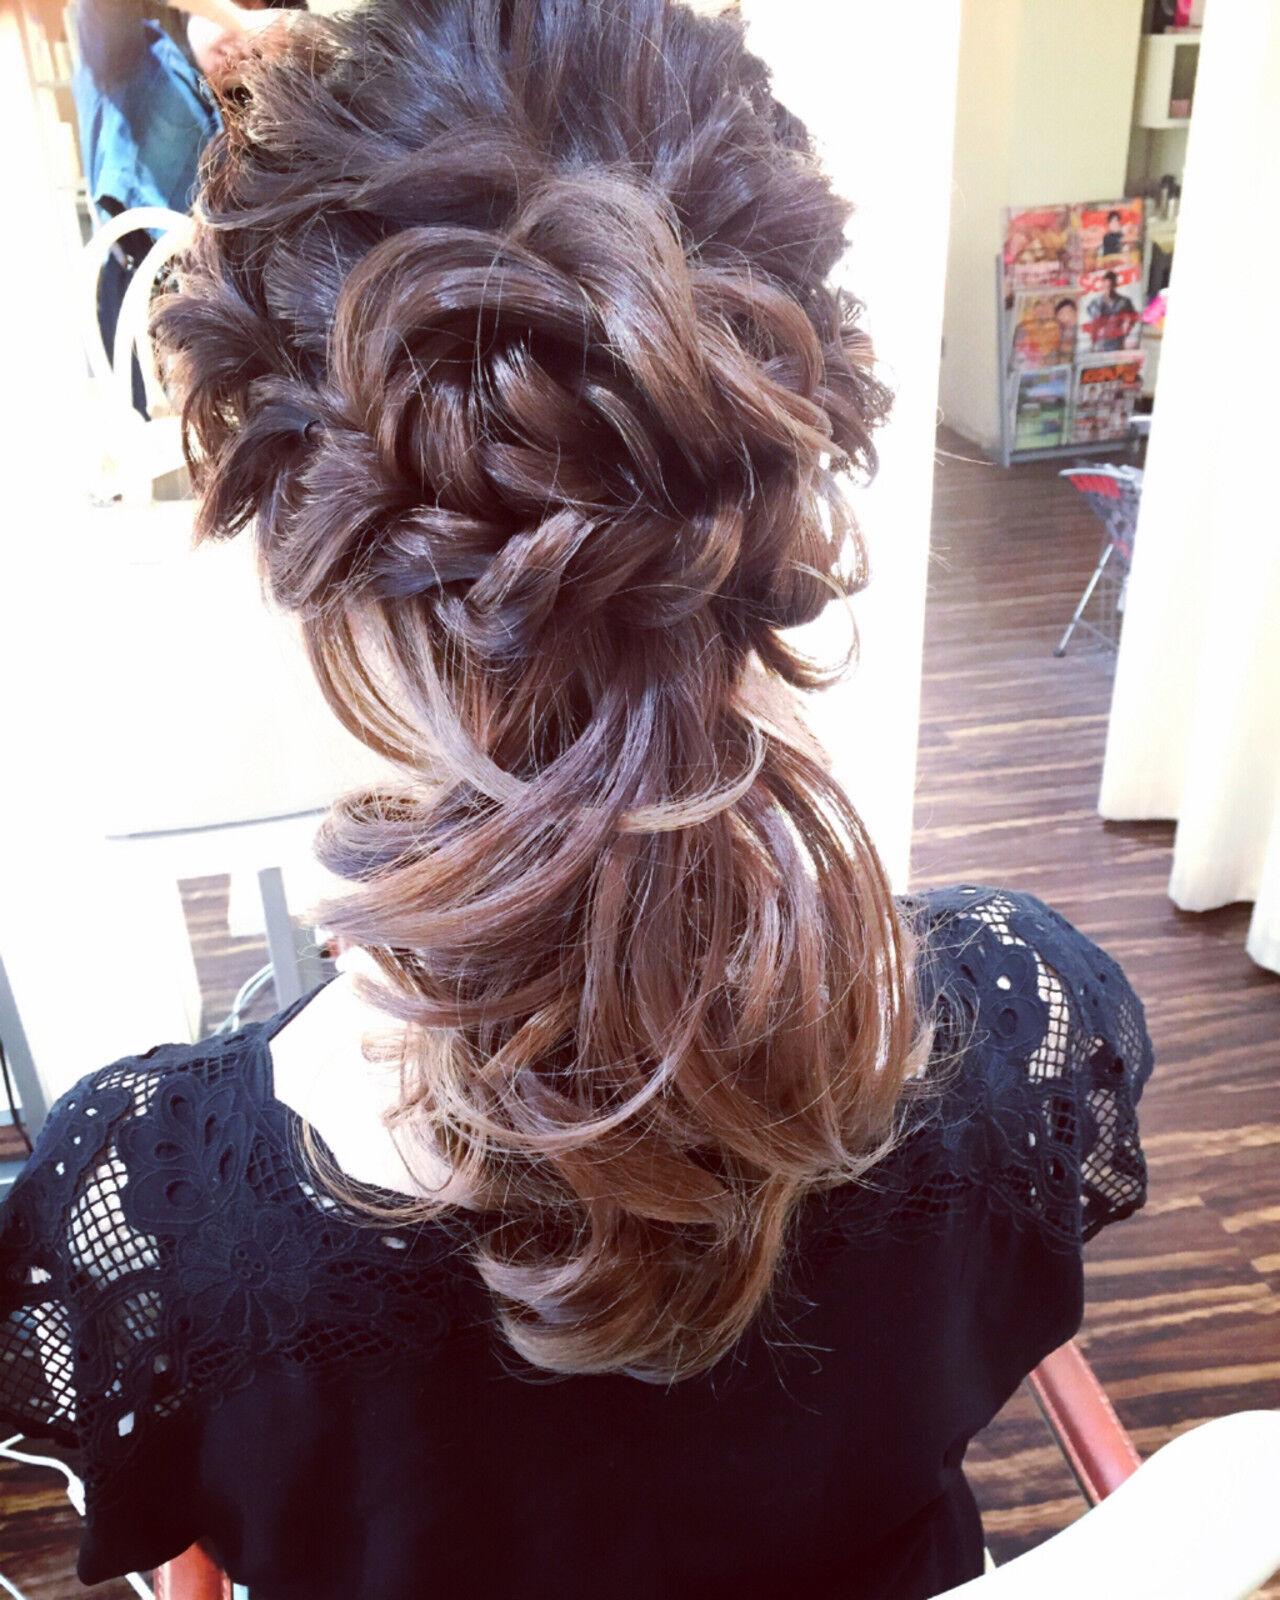 セミロング ヘアアレンジ パーティ 結婚式ヘアスタイルや髪型の写真・画像